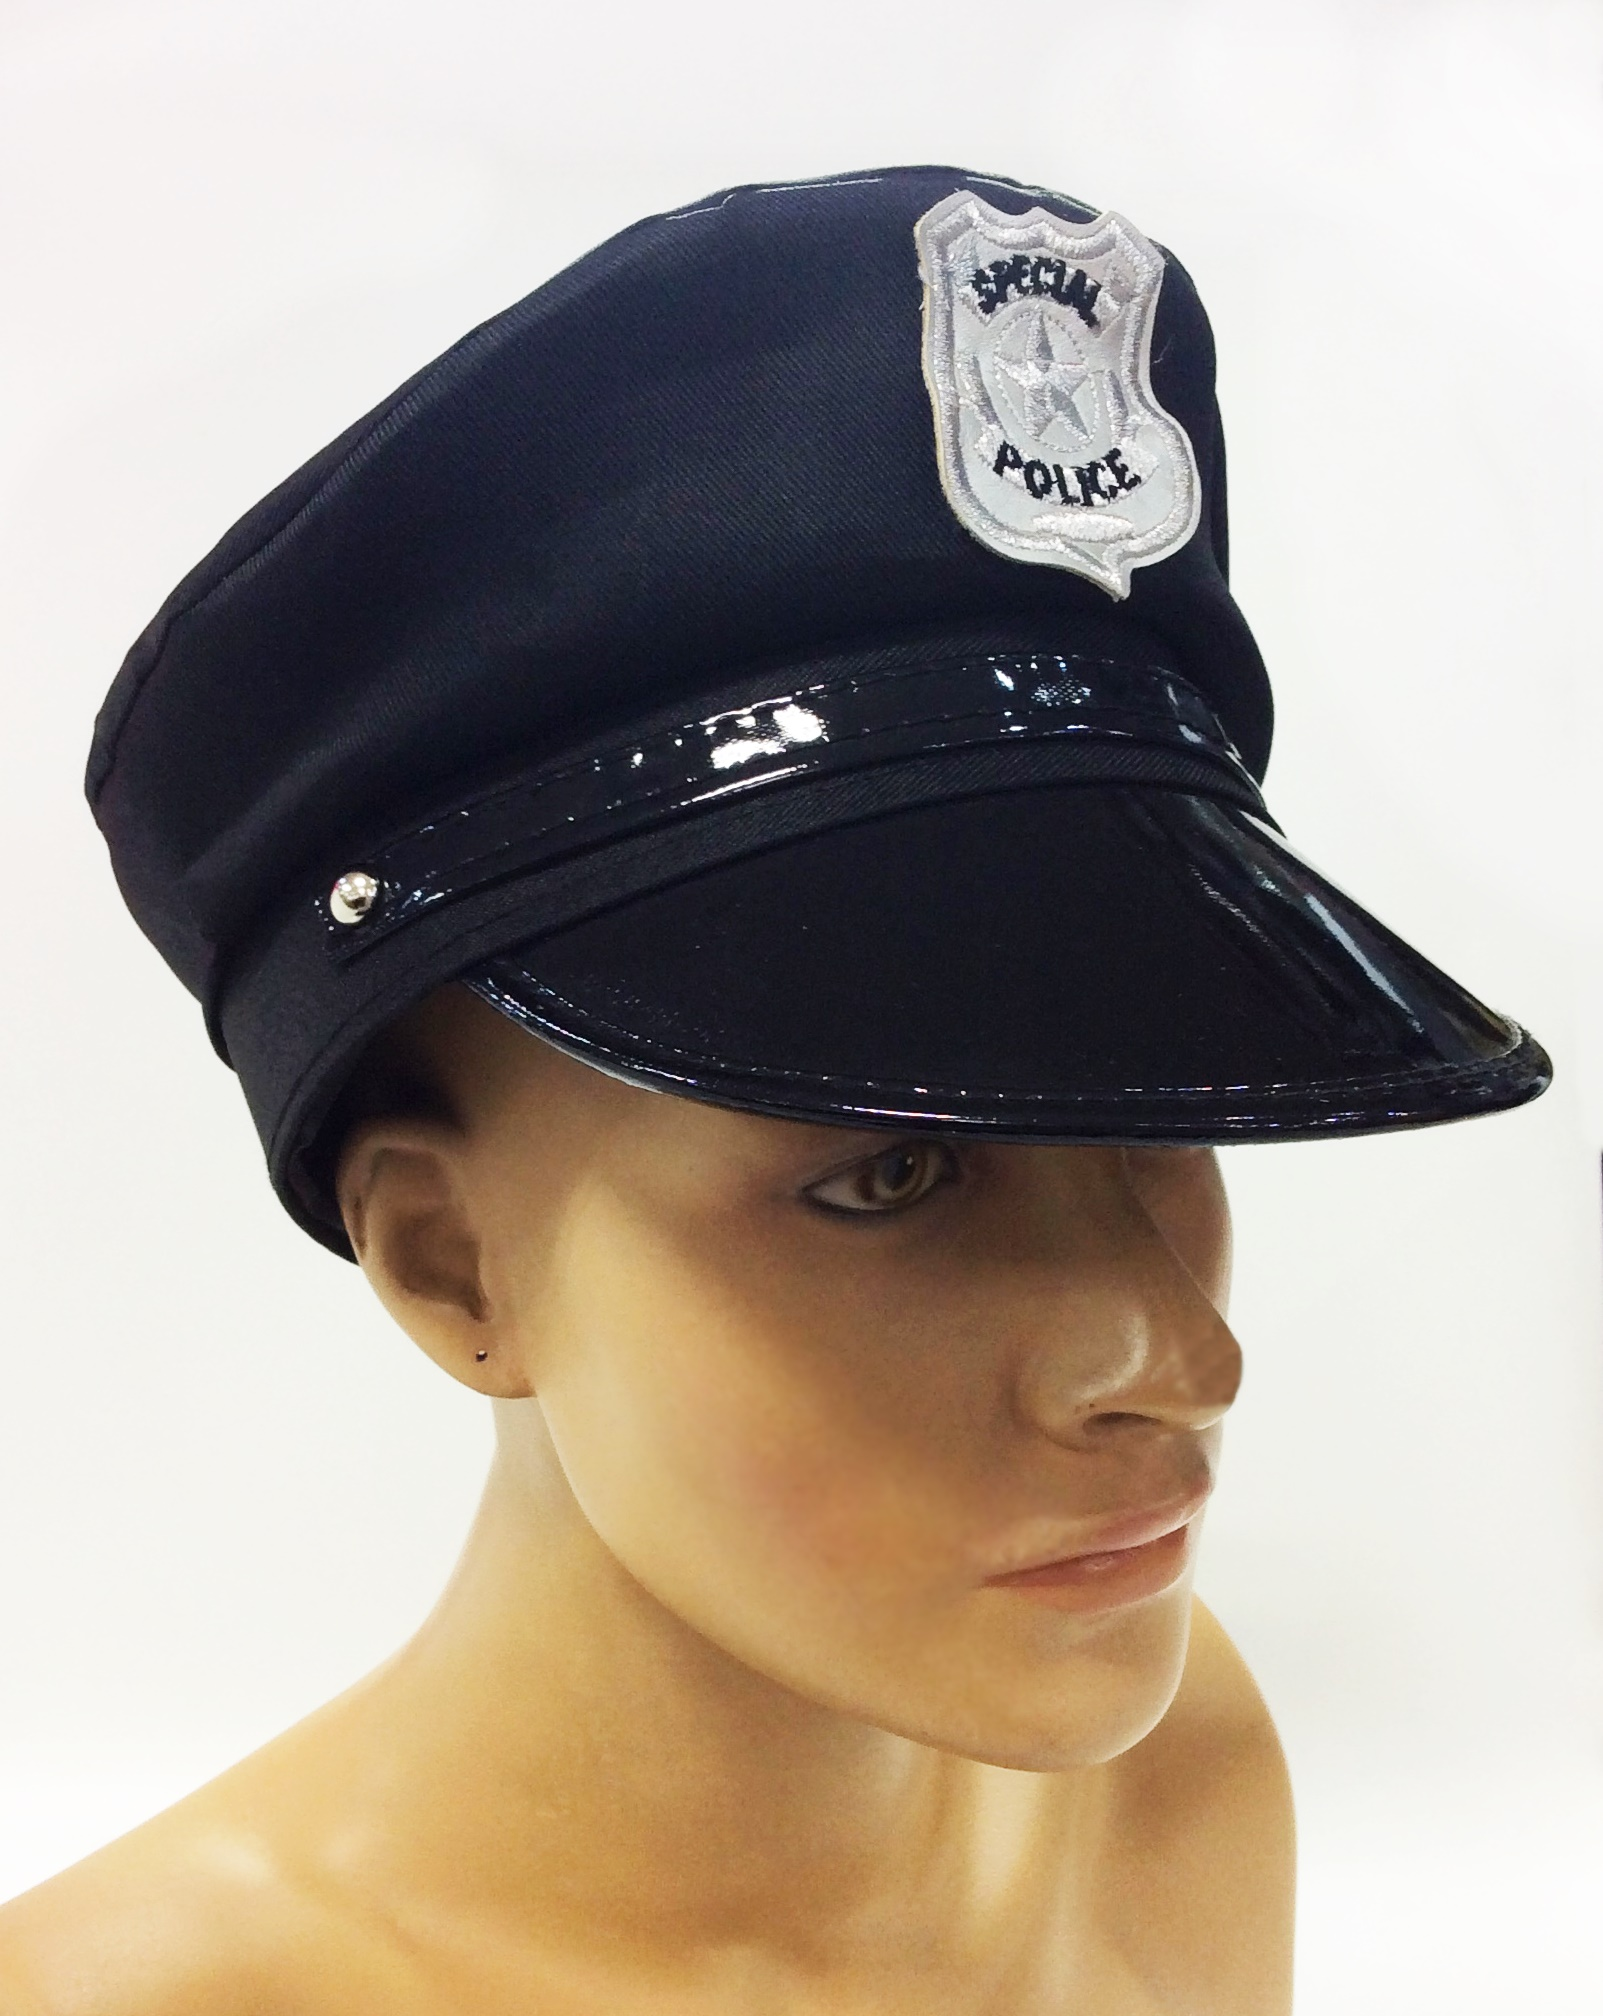 19438df0253b7 QUEPE POLICIAL COM EMBLEMA BORDADO – Lojas Keff